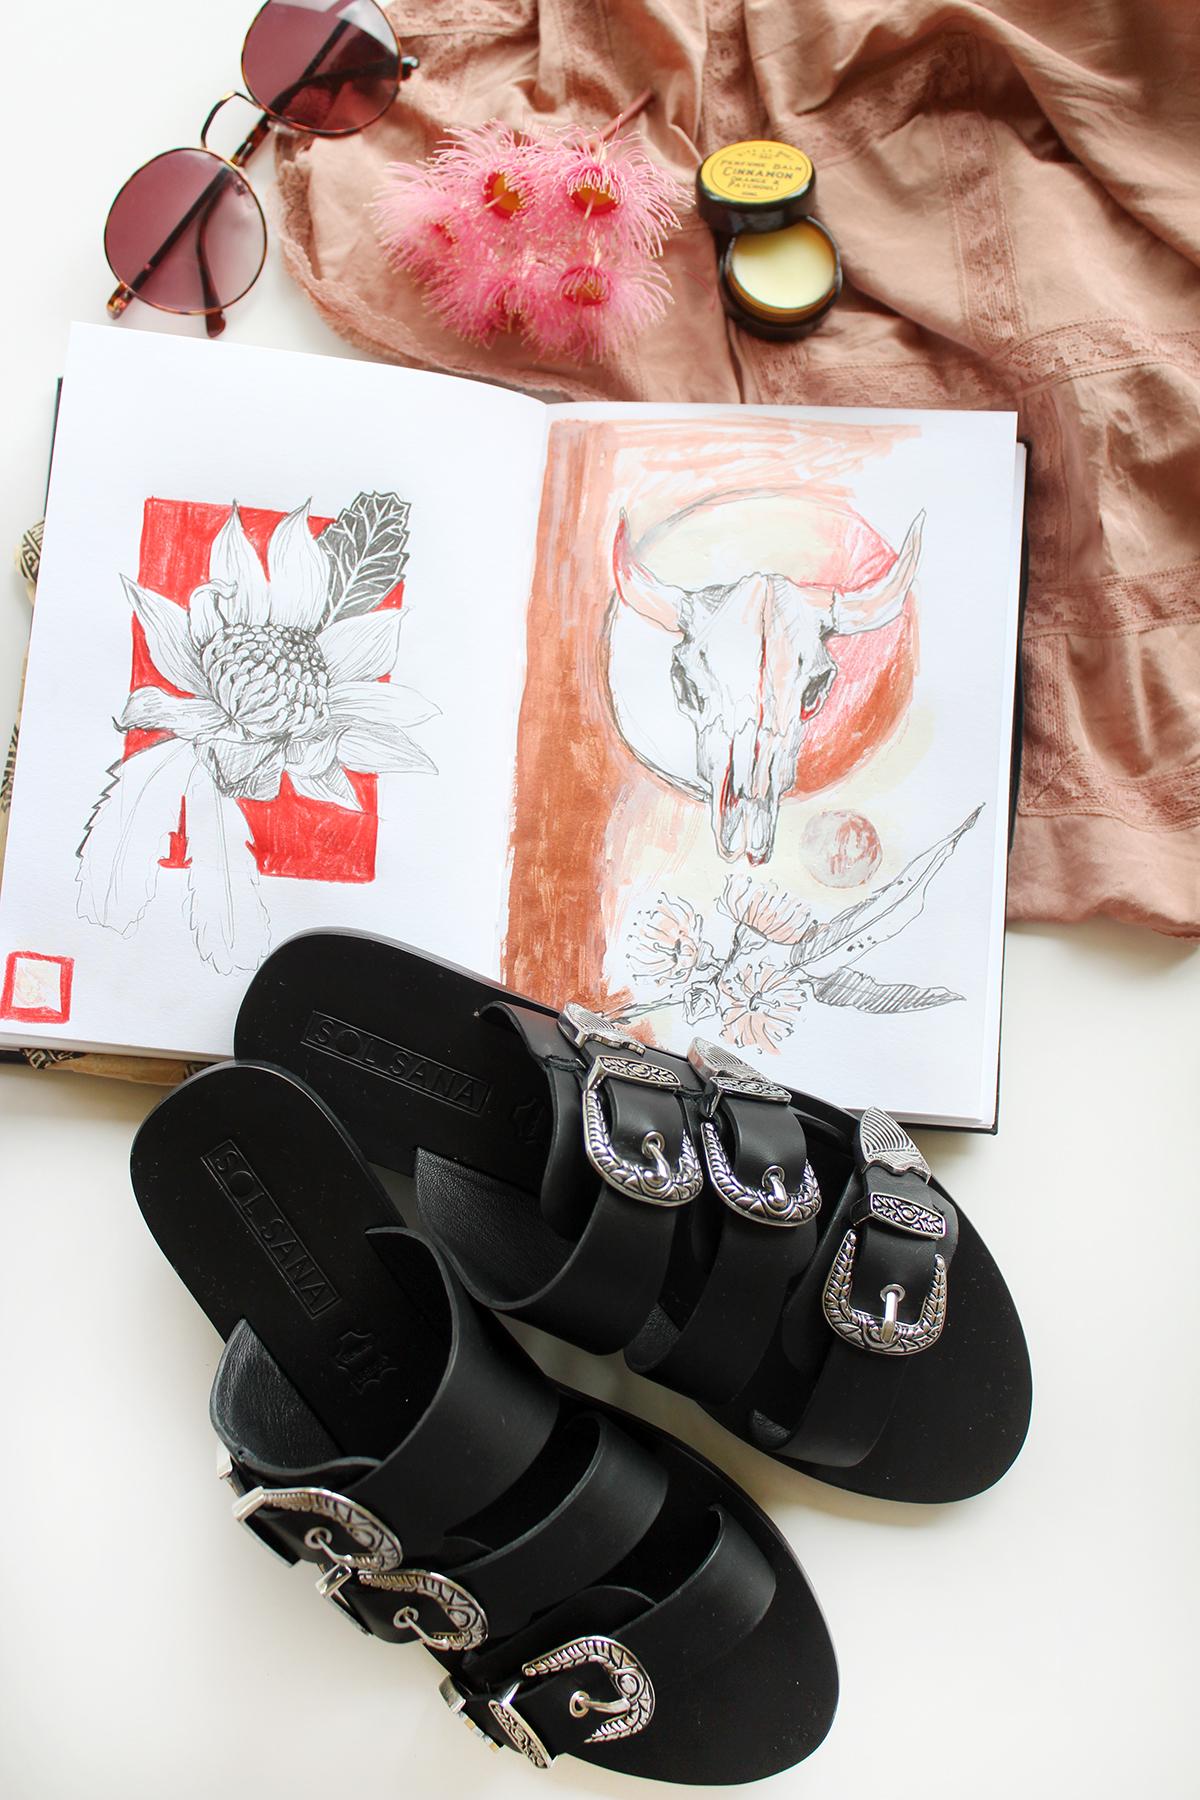 solsana_shoes_web.jpg